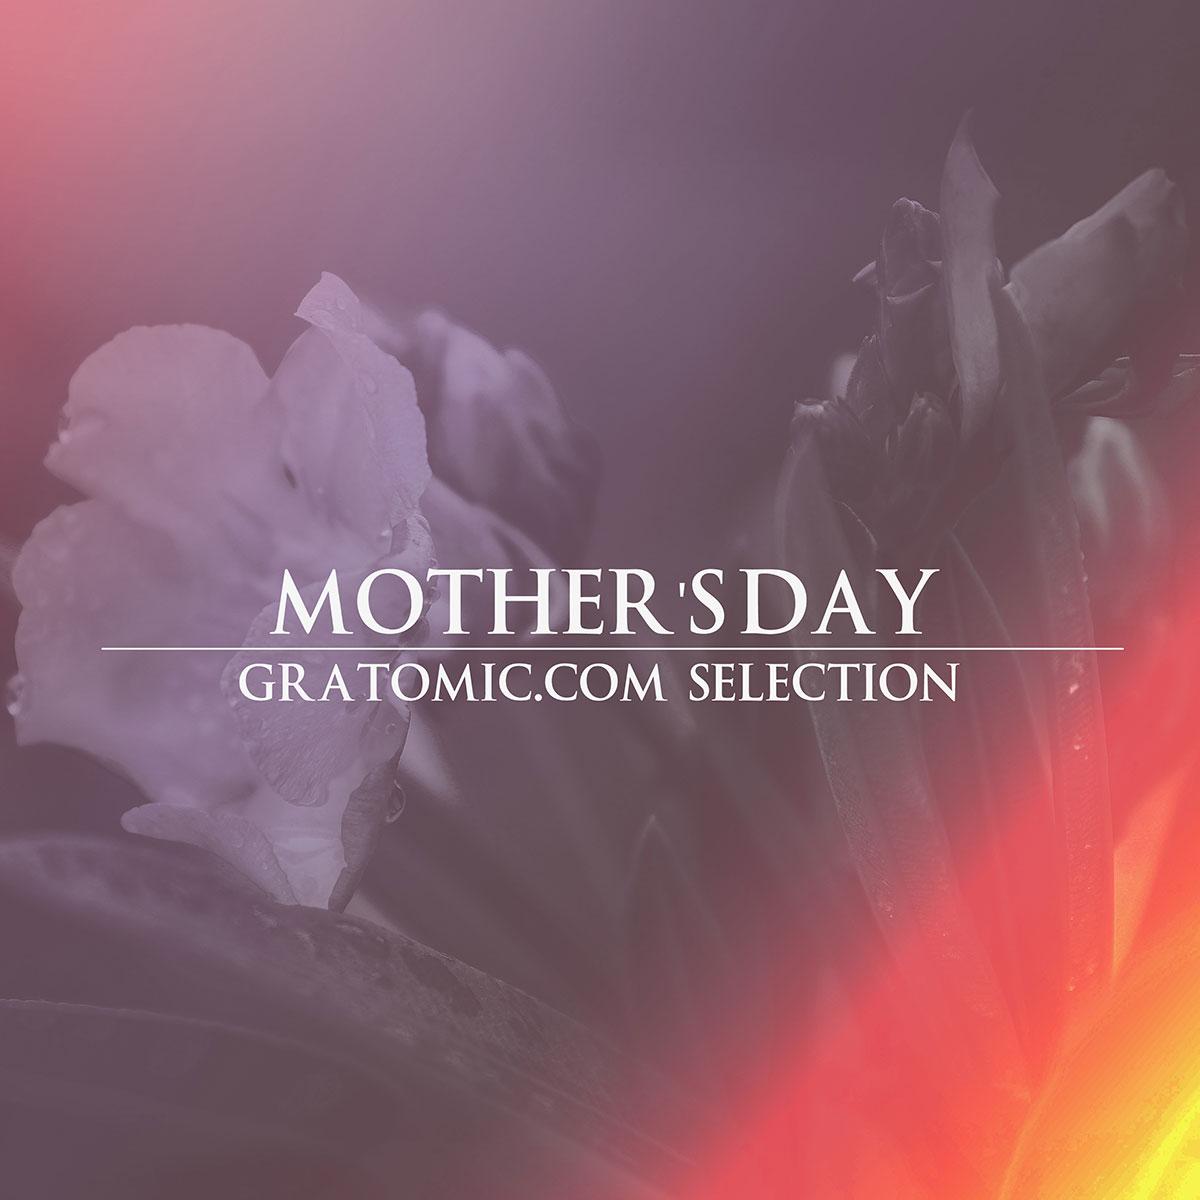 دانلود آهنگ های مخصوص روز مادر 1398